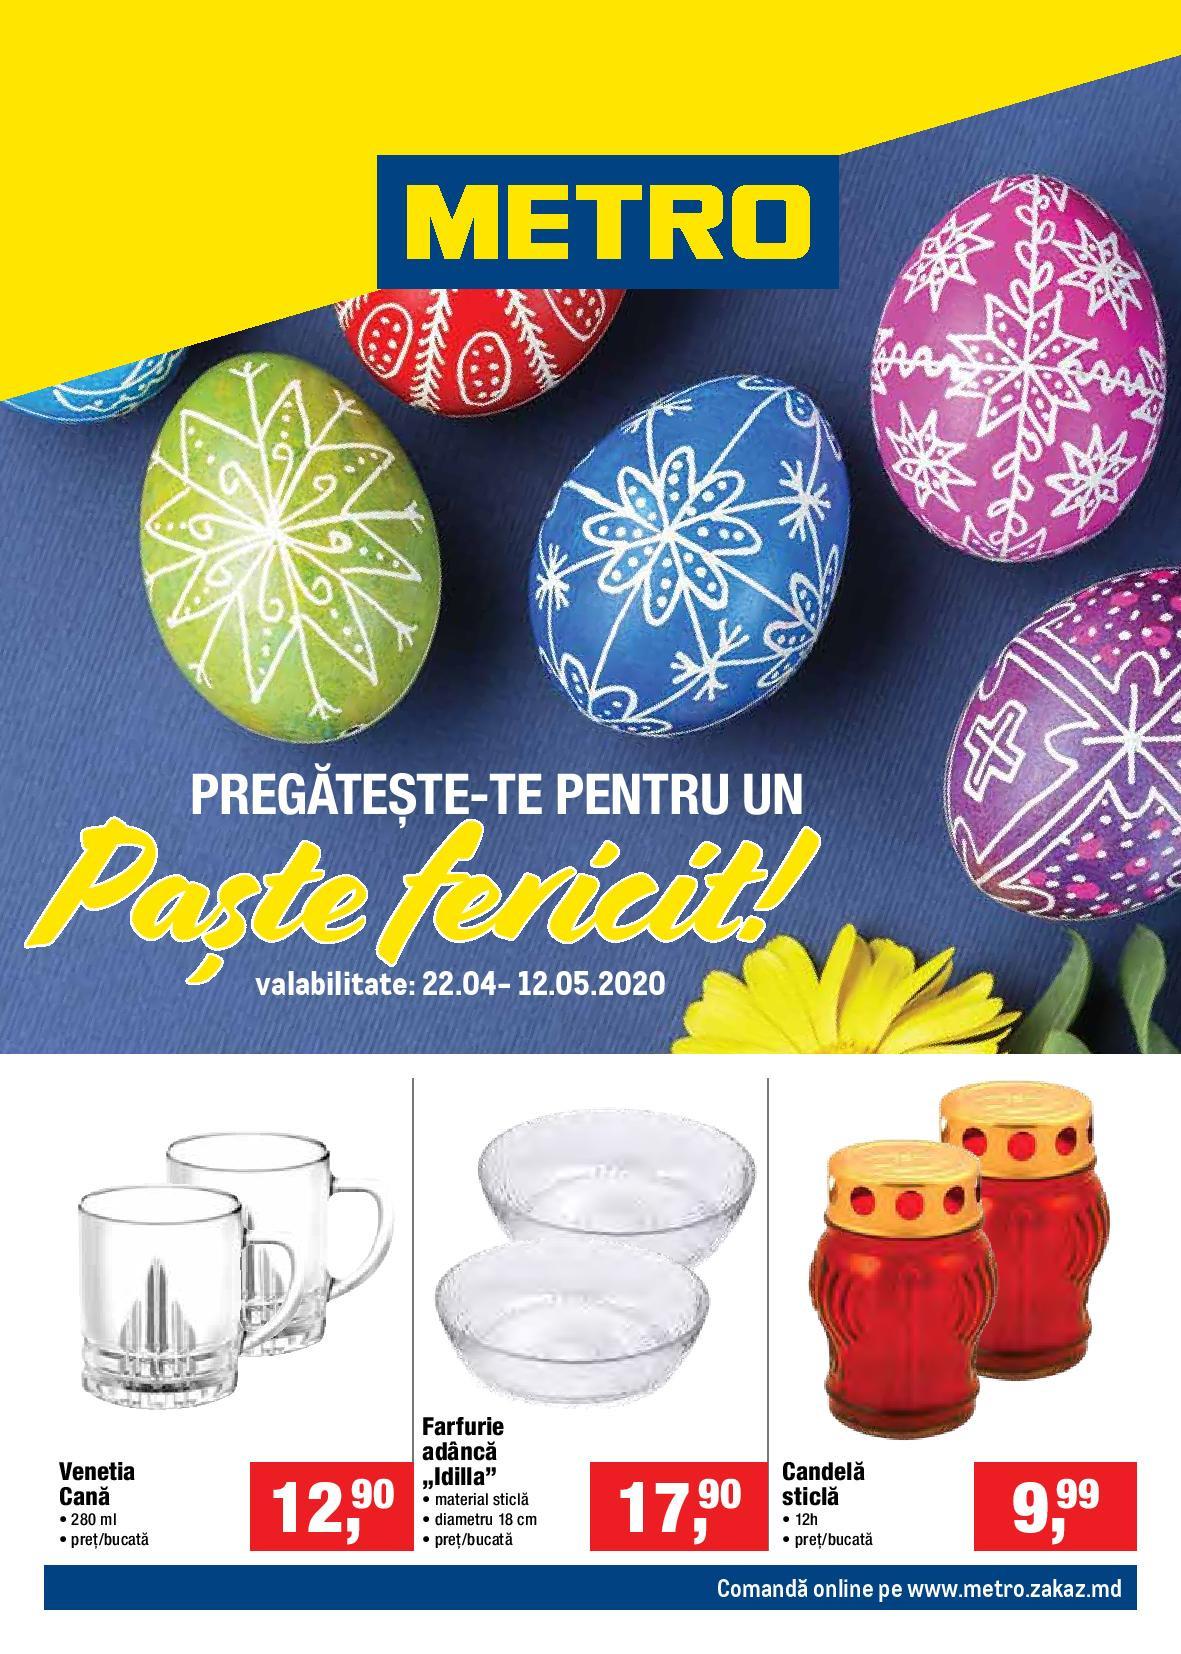 METRO: Ofertă nealimentară de Paște!